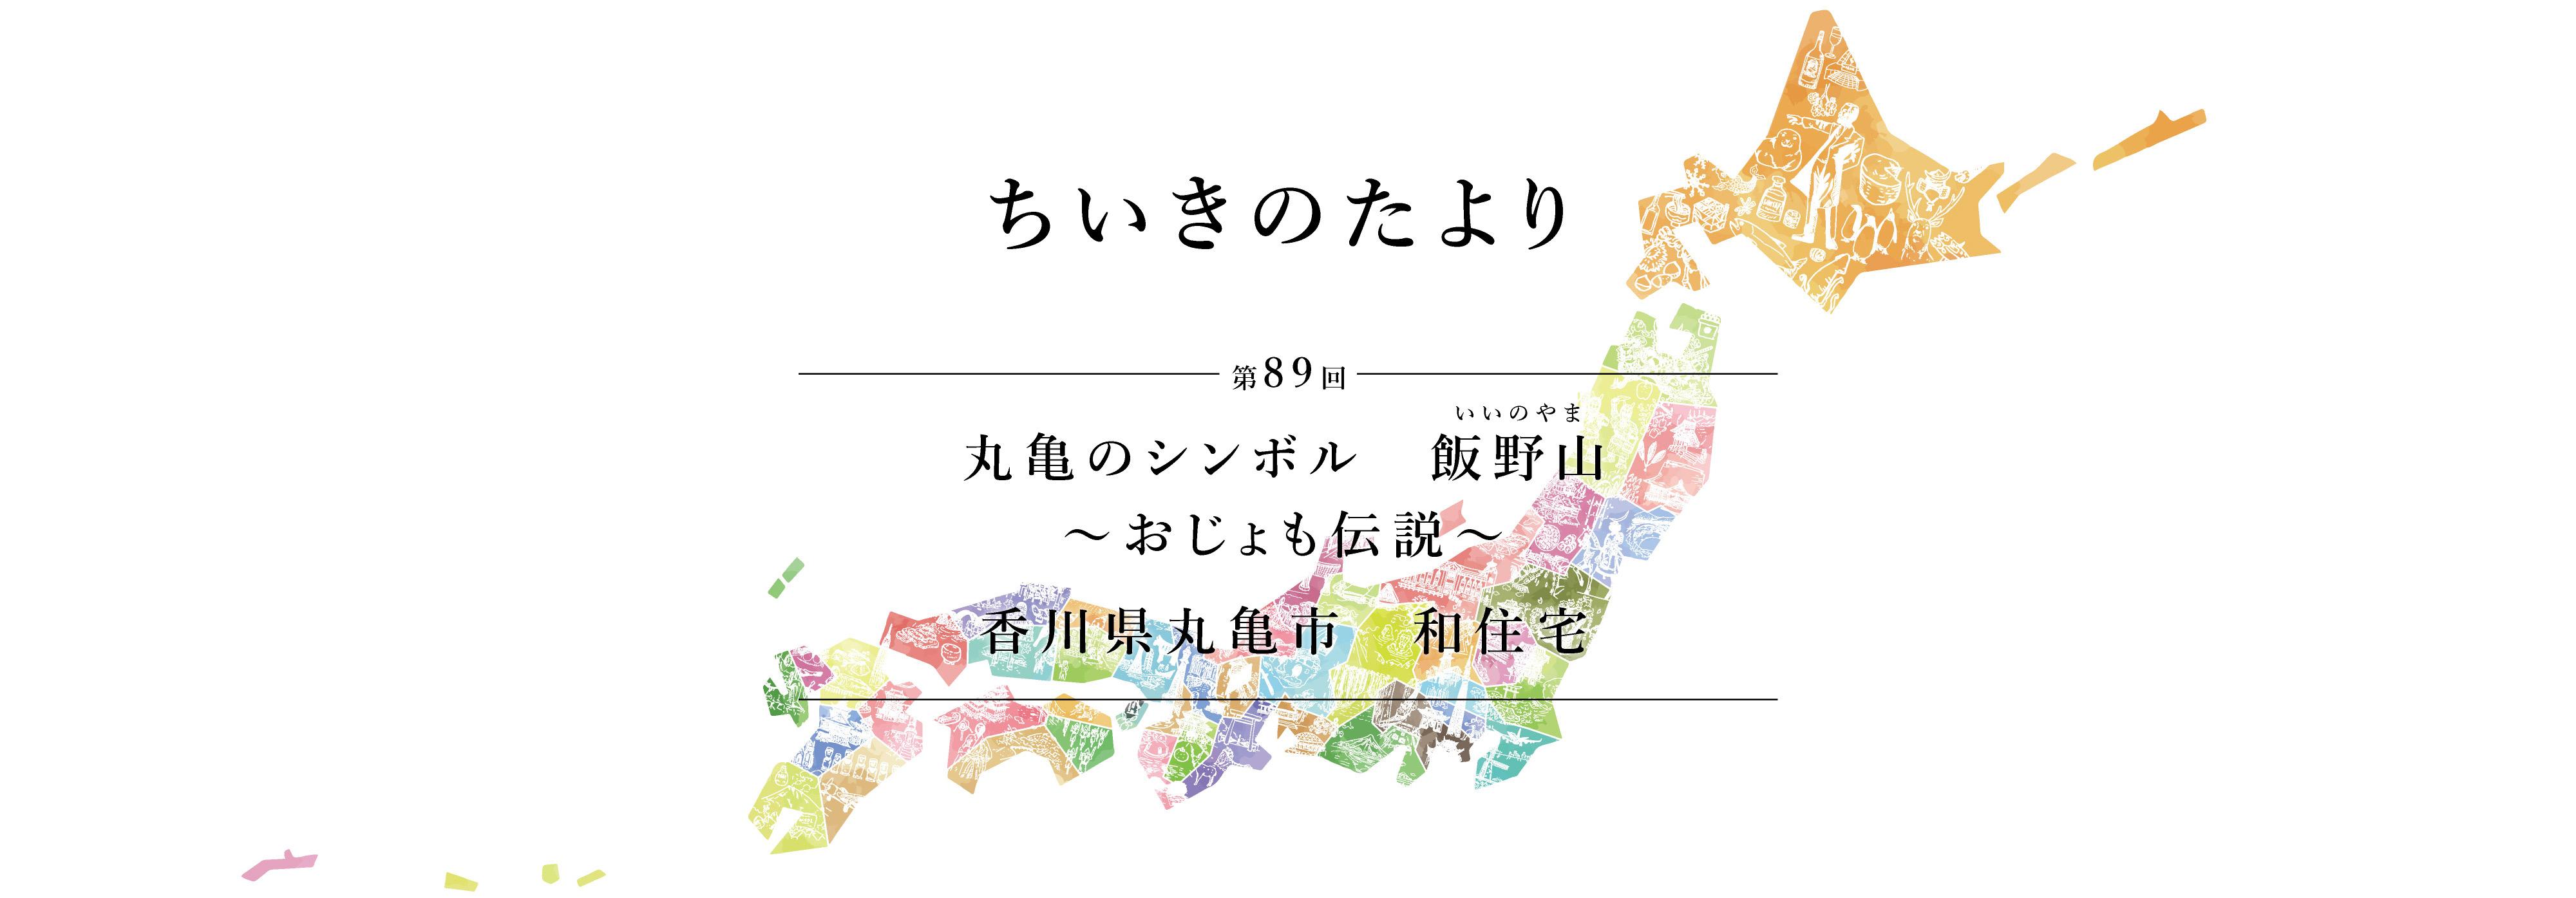 ちいきのたより第89回丸亀のシンボル 飯野山-いいのやま- ~おじょも伝説~ 香川県丸亀市 和住宅